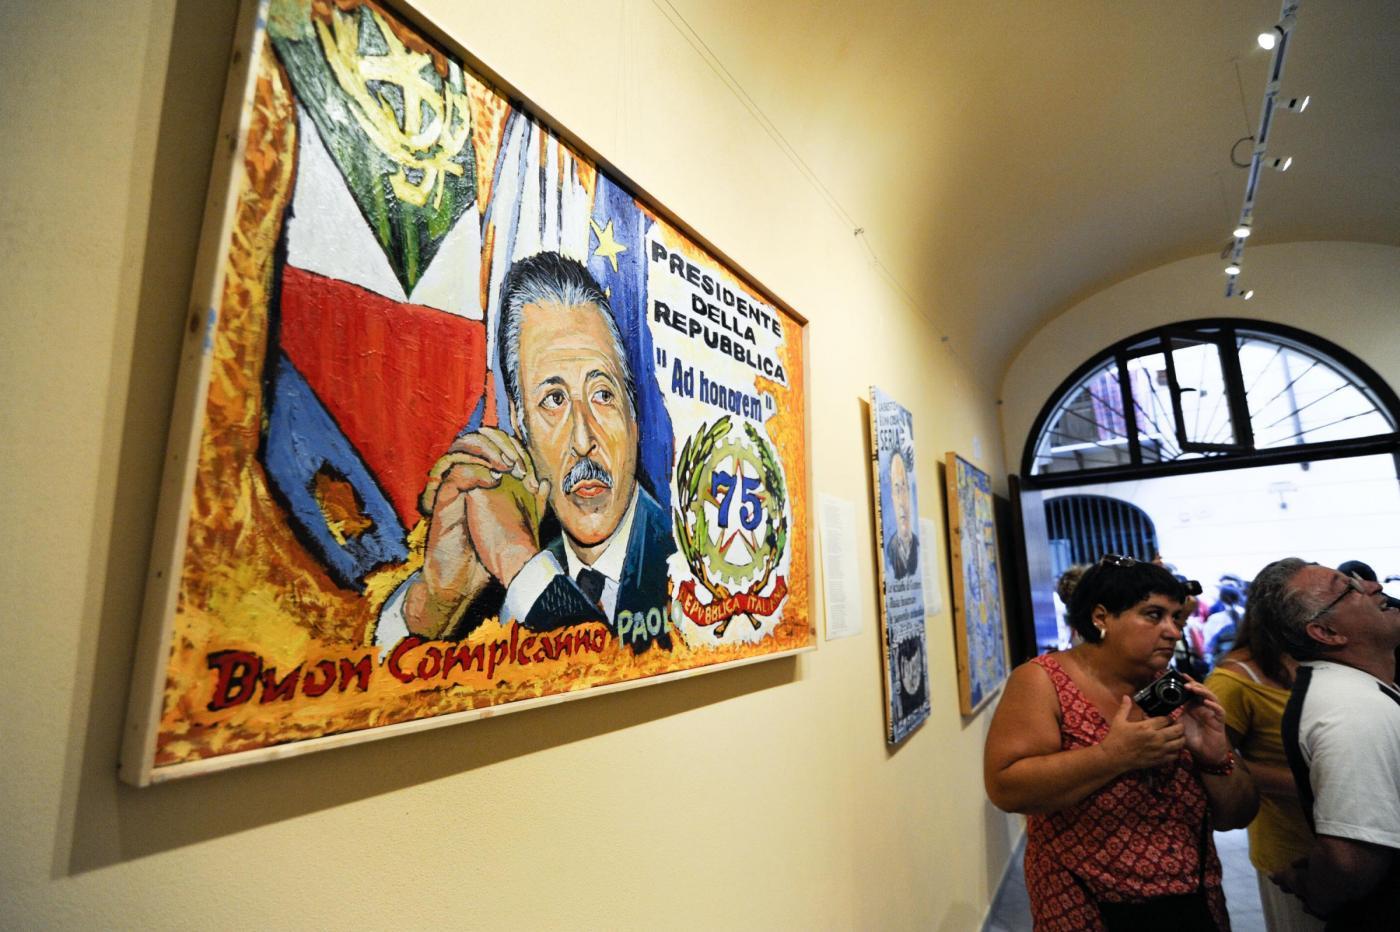 Ricordando Paolo Borsellino dopo 23 anni dalla strage di via D'amelio